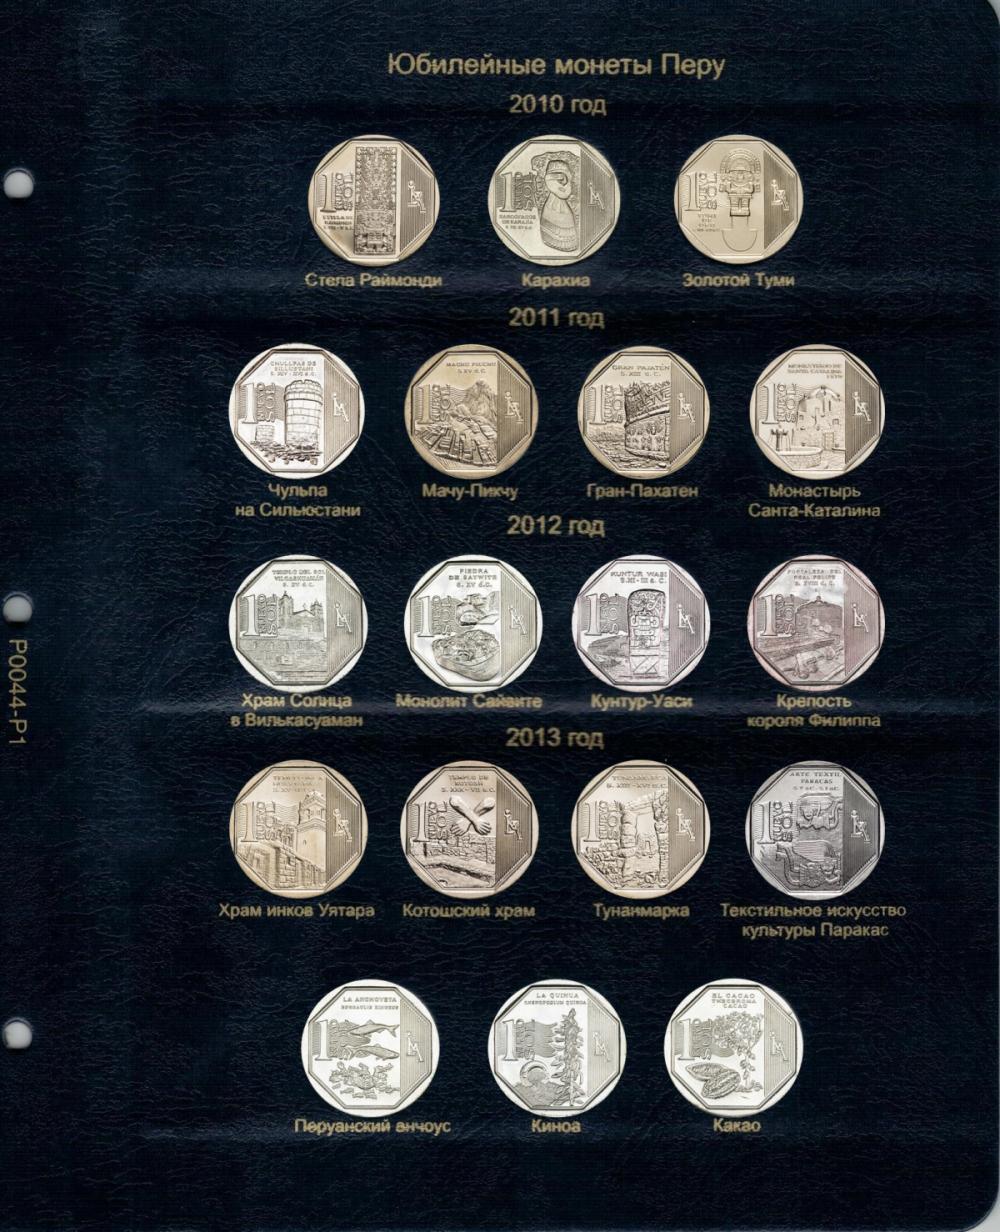 Комплект листов для юбилейных монет Перу 2010-2018 гг. - 1